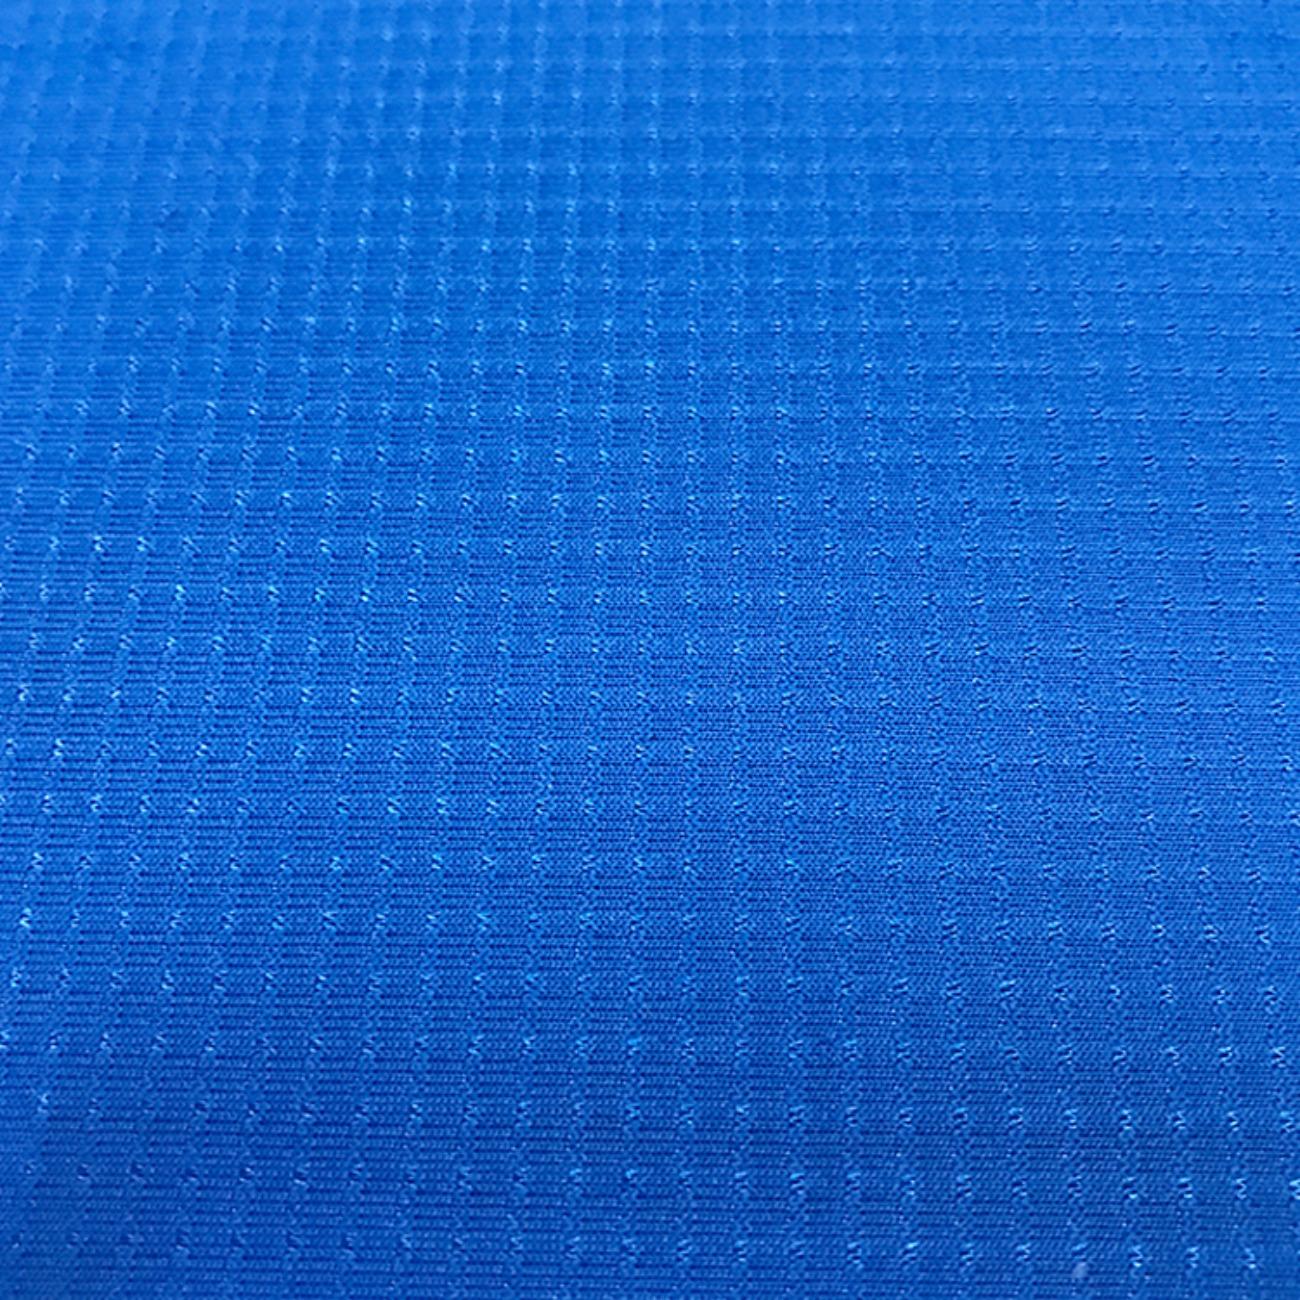 莱卡布厂家直销方格纹布料